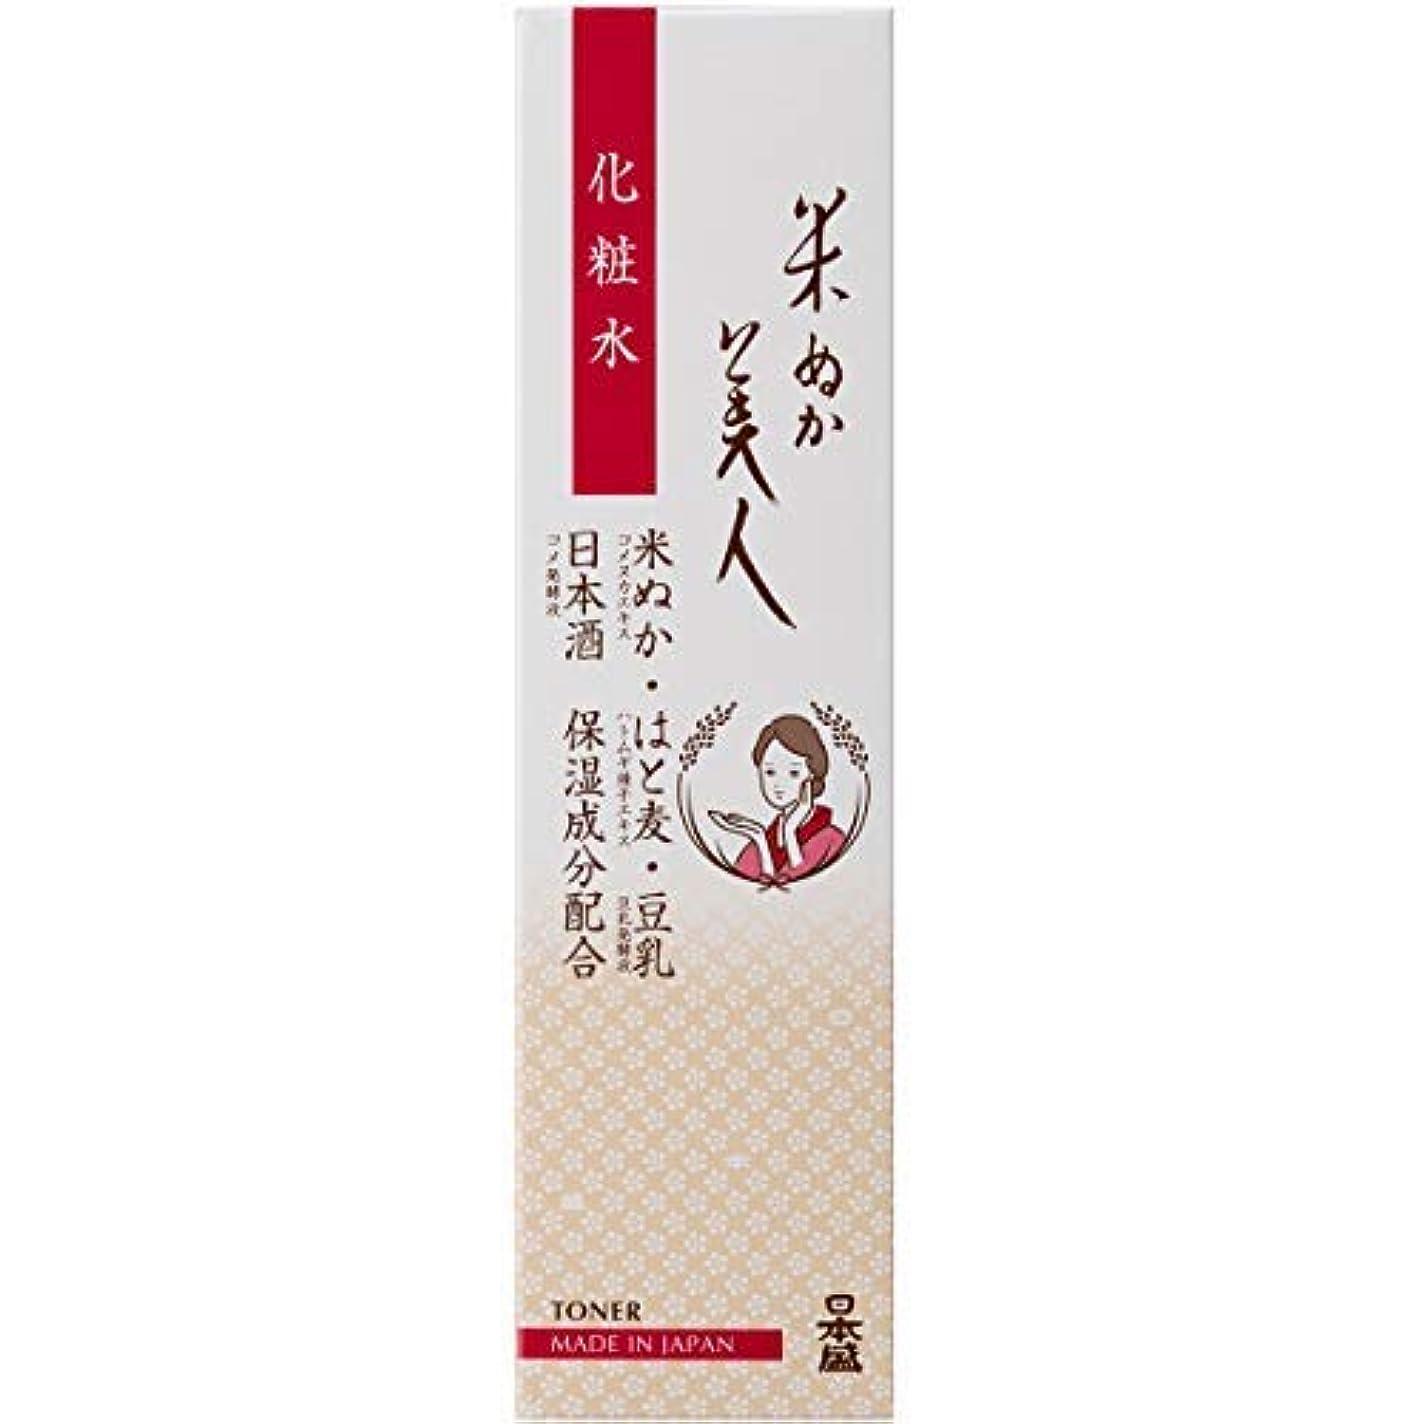 海軍いまカスタム米ぬか美人 化粧水 × 36個セット